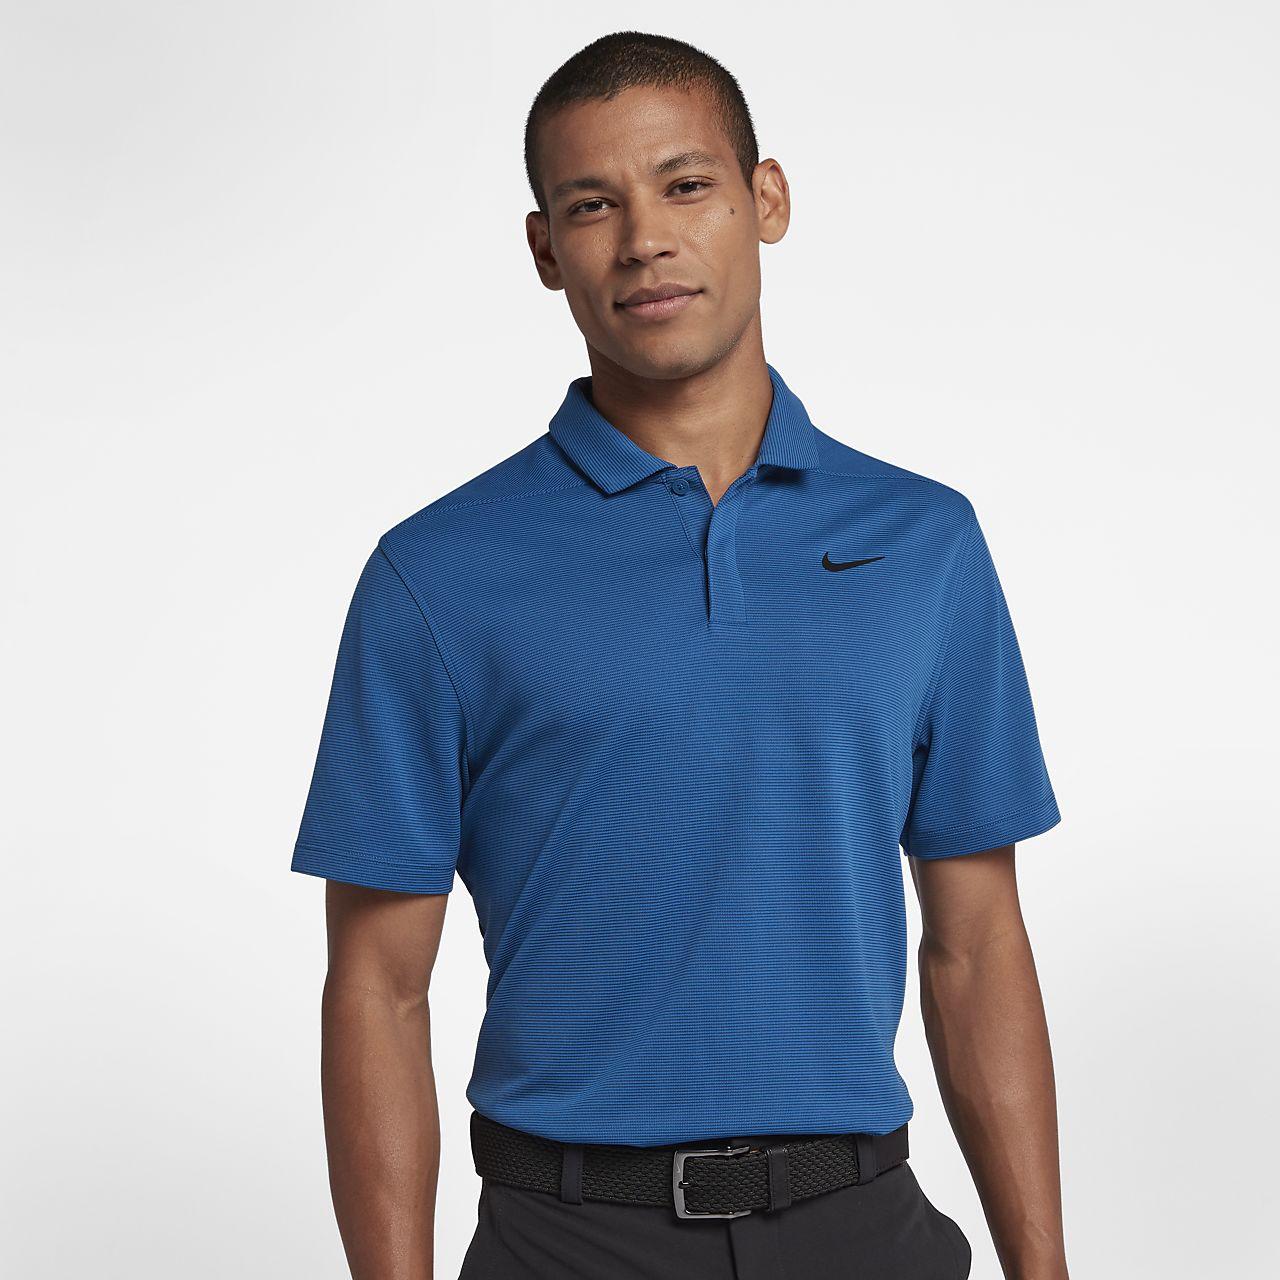 cd57e58d Nike AeroReact Victory Men's Golf Polo. Nike.com AE